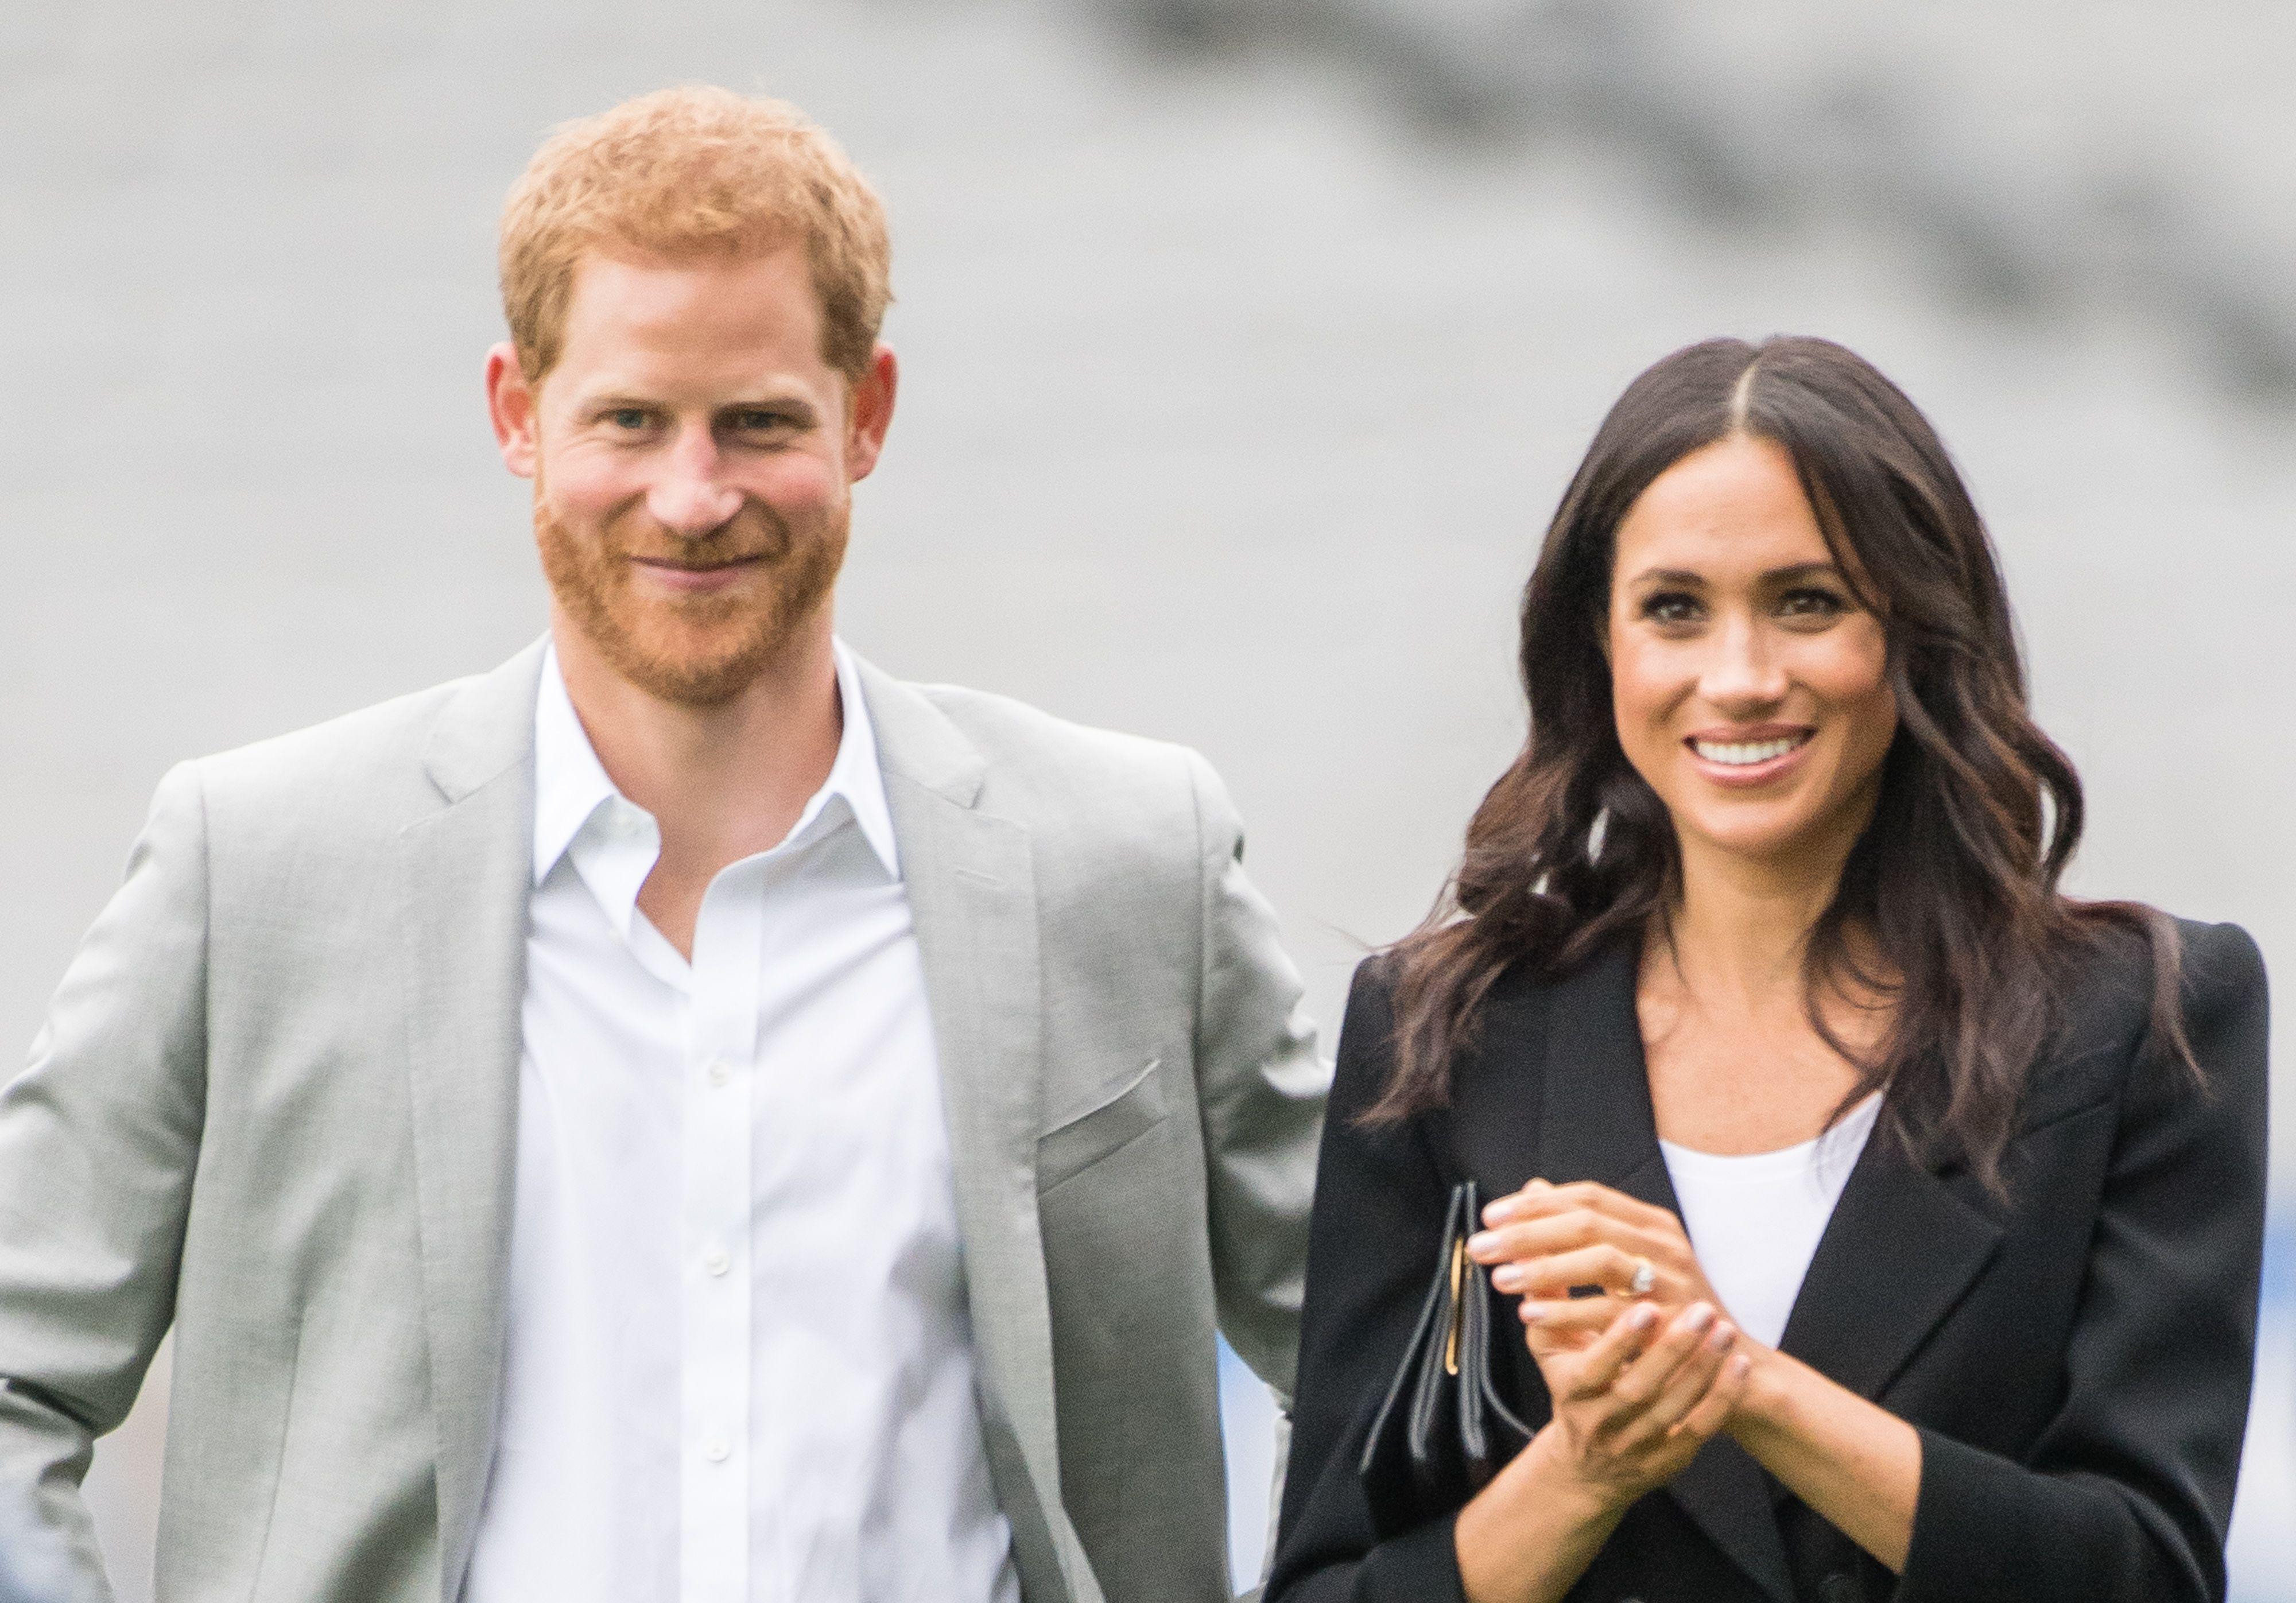 Sussex siti di incontri mamma single che esce con un uomo sposato